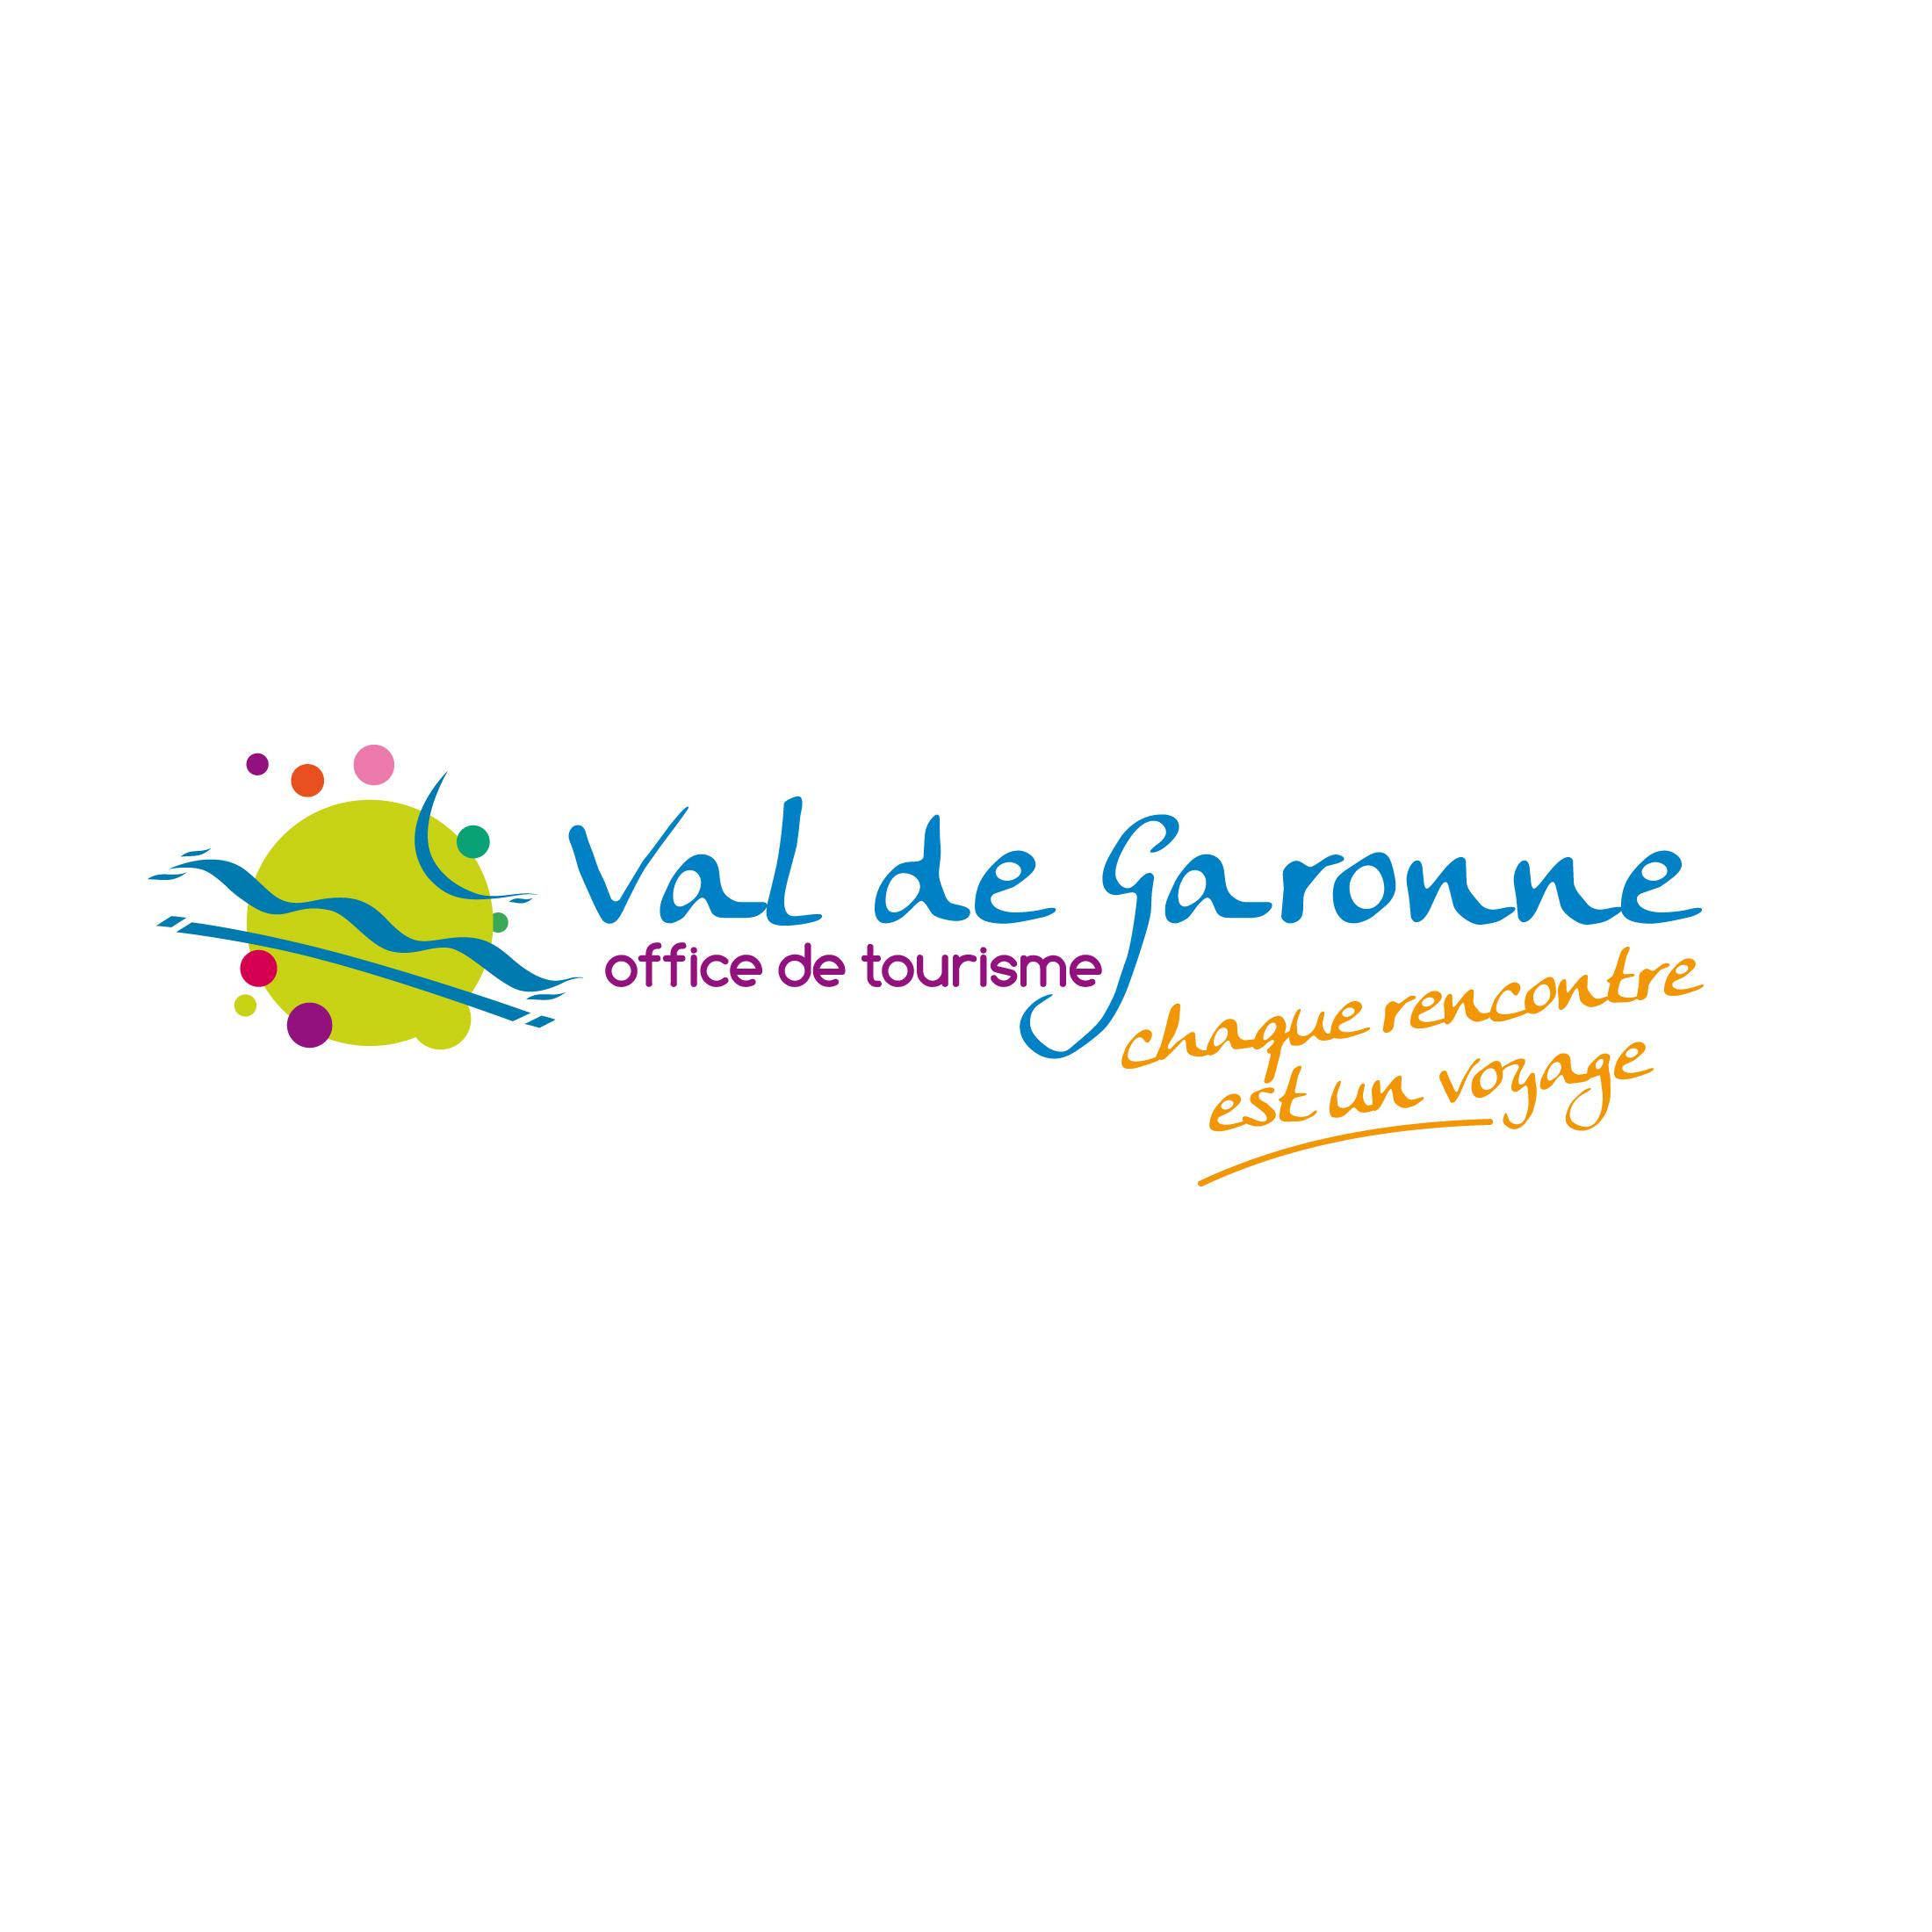 Logo de l'Office de tourisme Val de Garonne